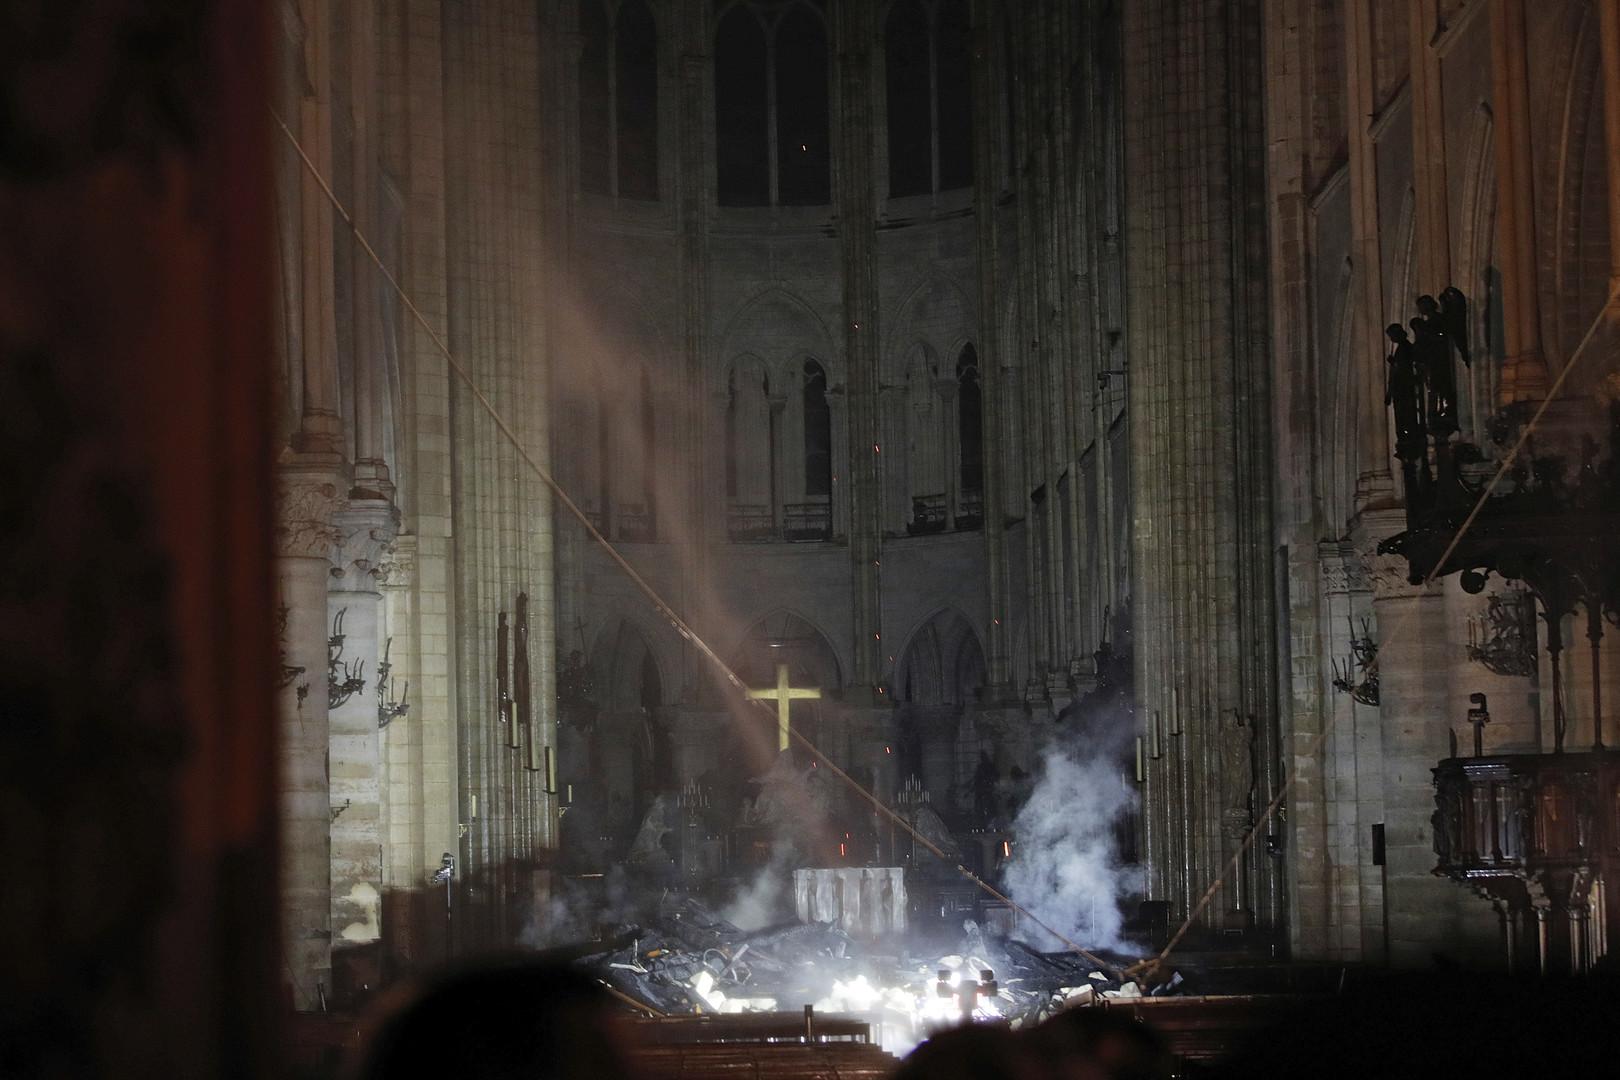 Les glaçantes premières images de l'intérieur de Notre-Dame de Paris, ravagée par le feu (IMAGES)